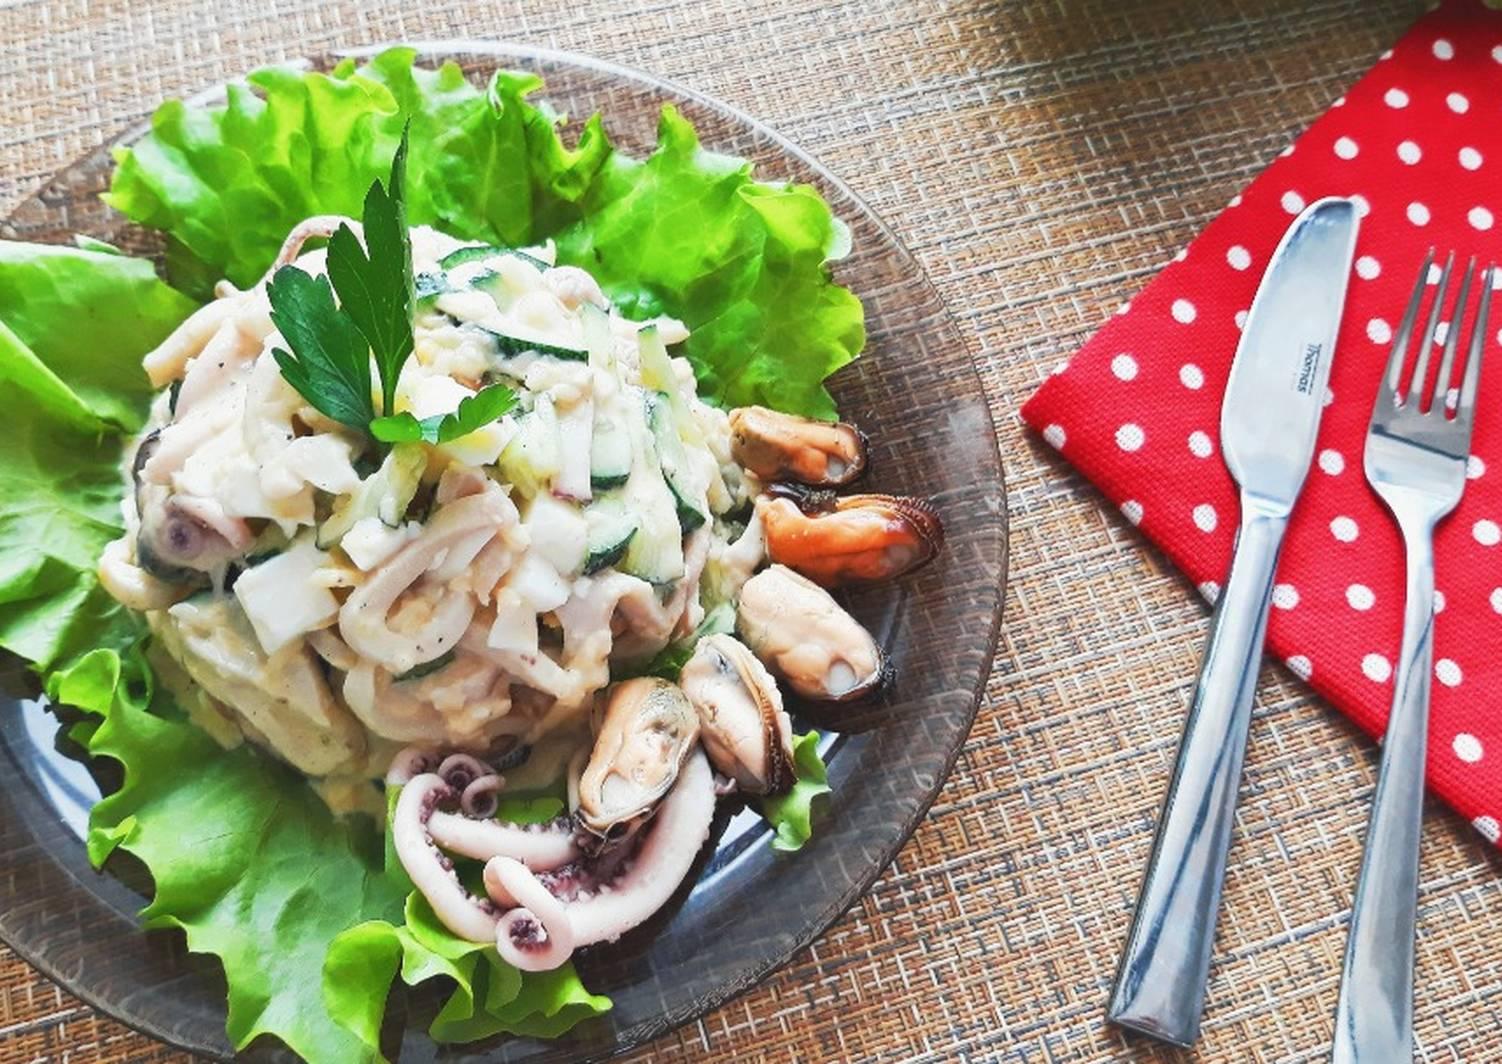 подобрала достаточно салат из морского ассорти рецепт с фото то